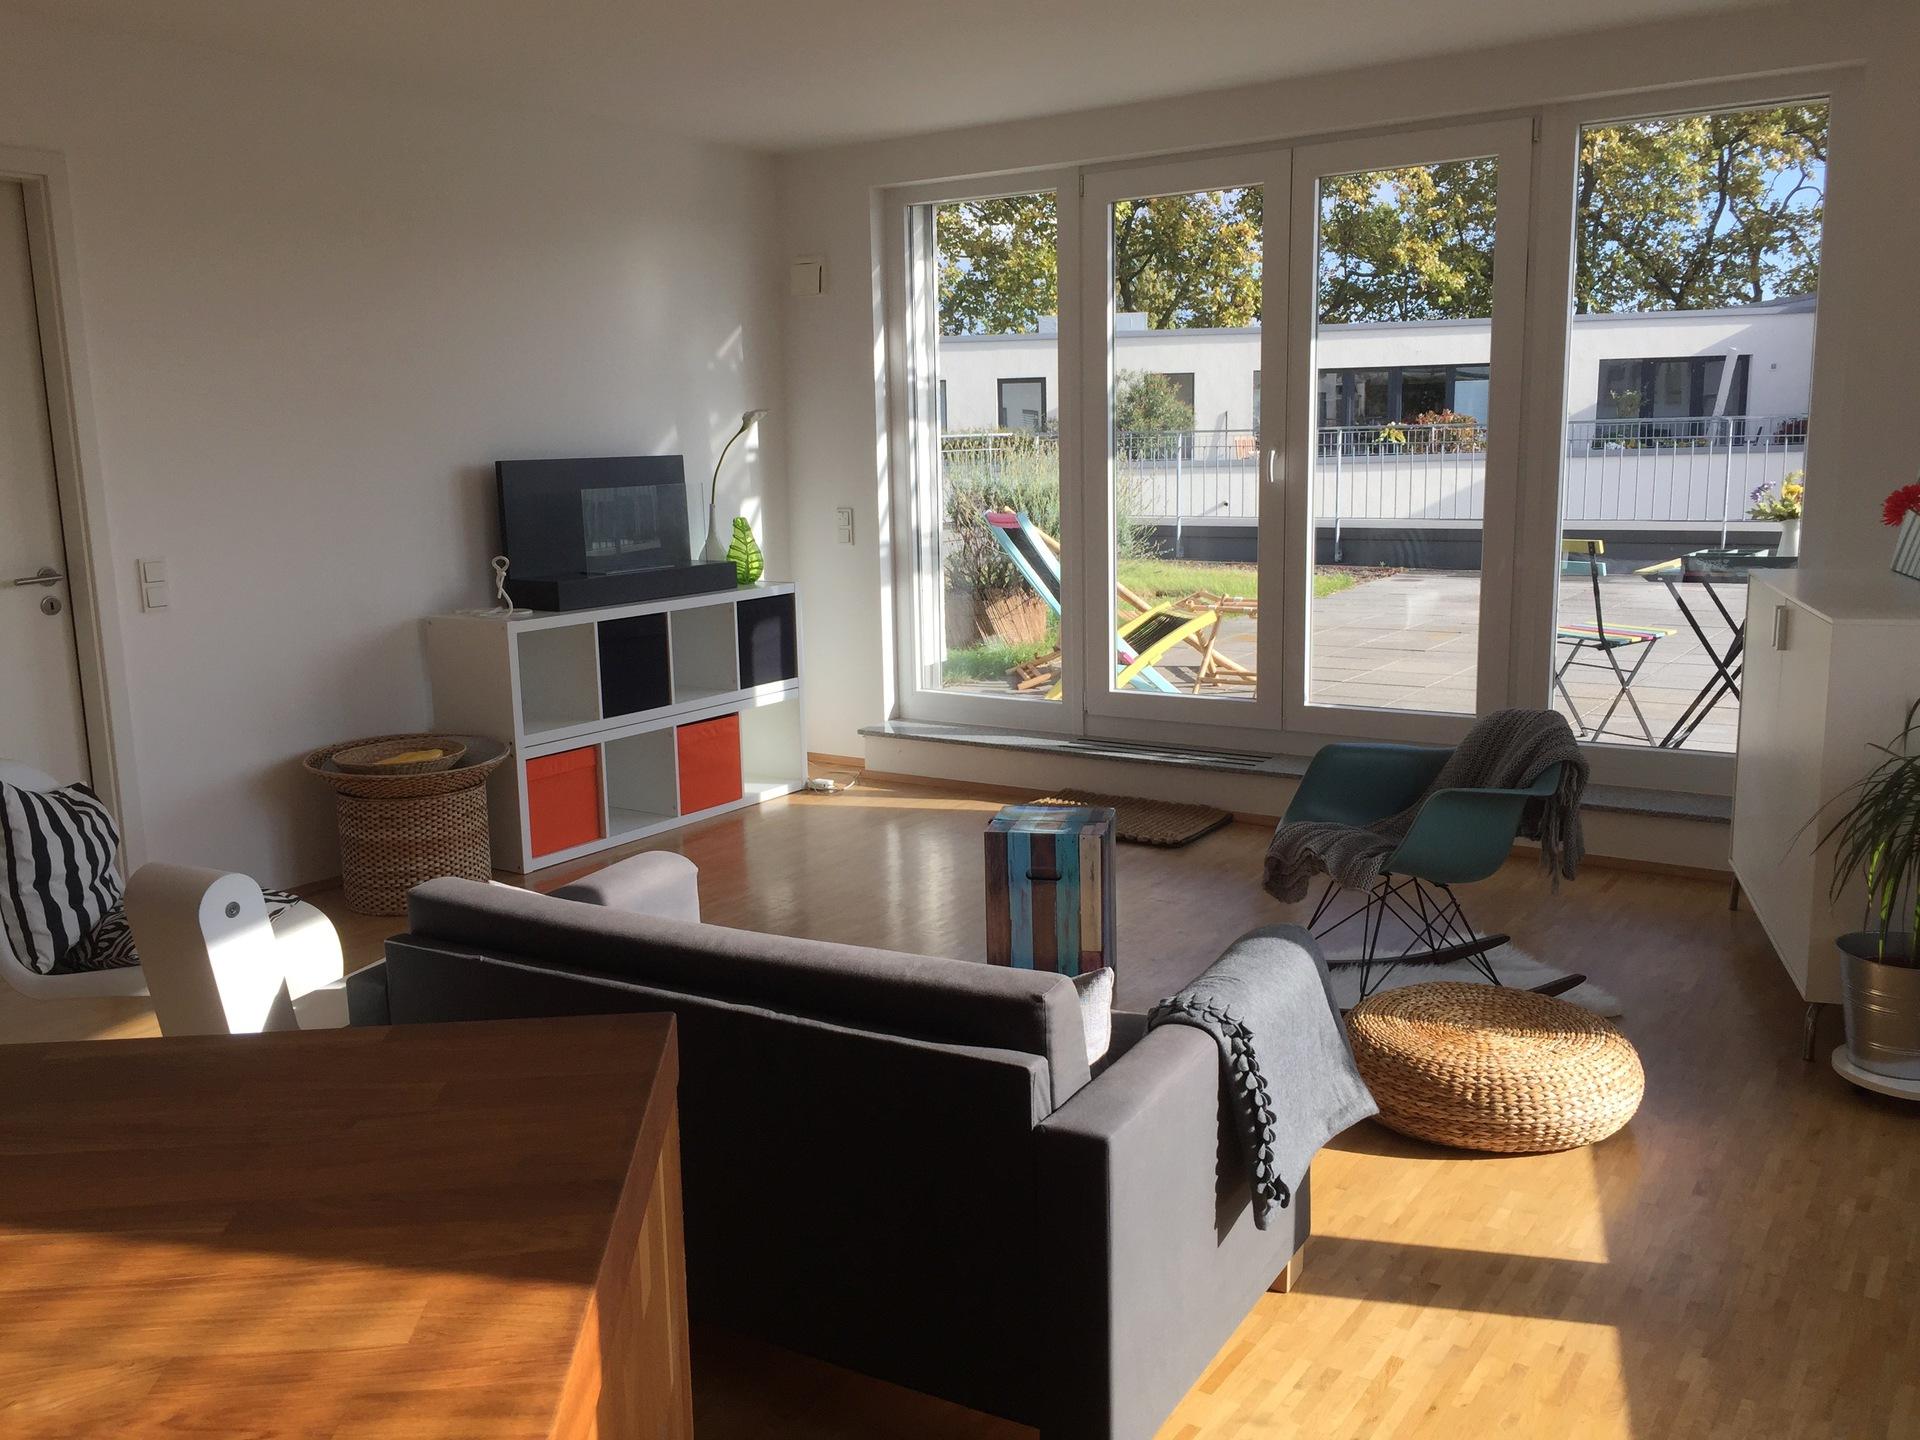 Offenes Wohnzimmer  Jtleigh.com - Hausgestaltung Ideen